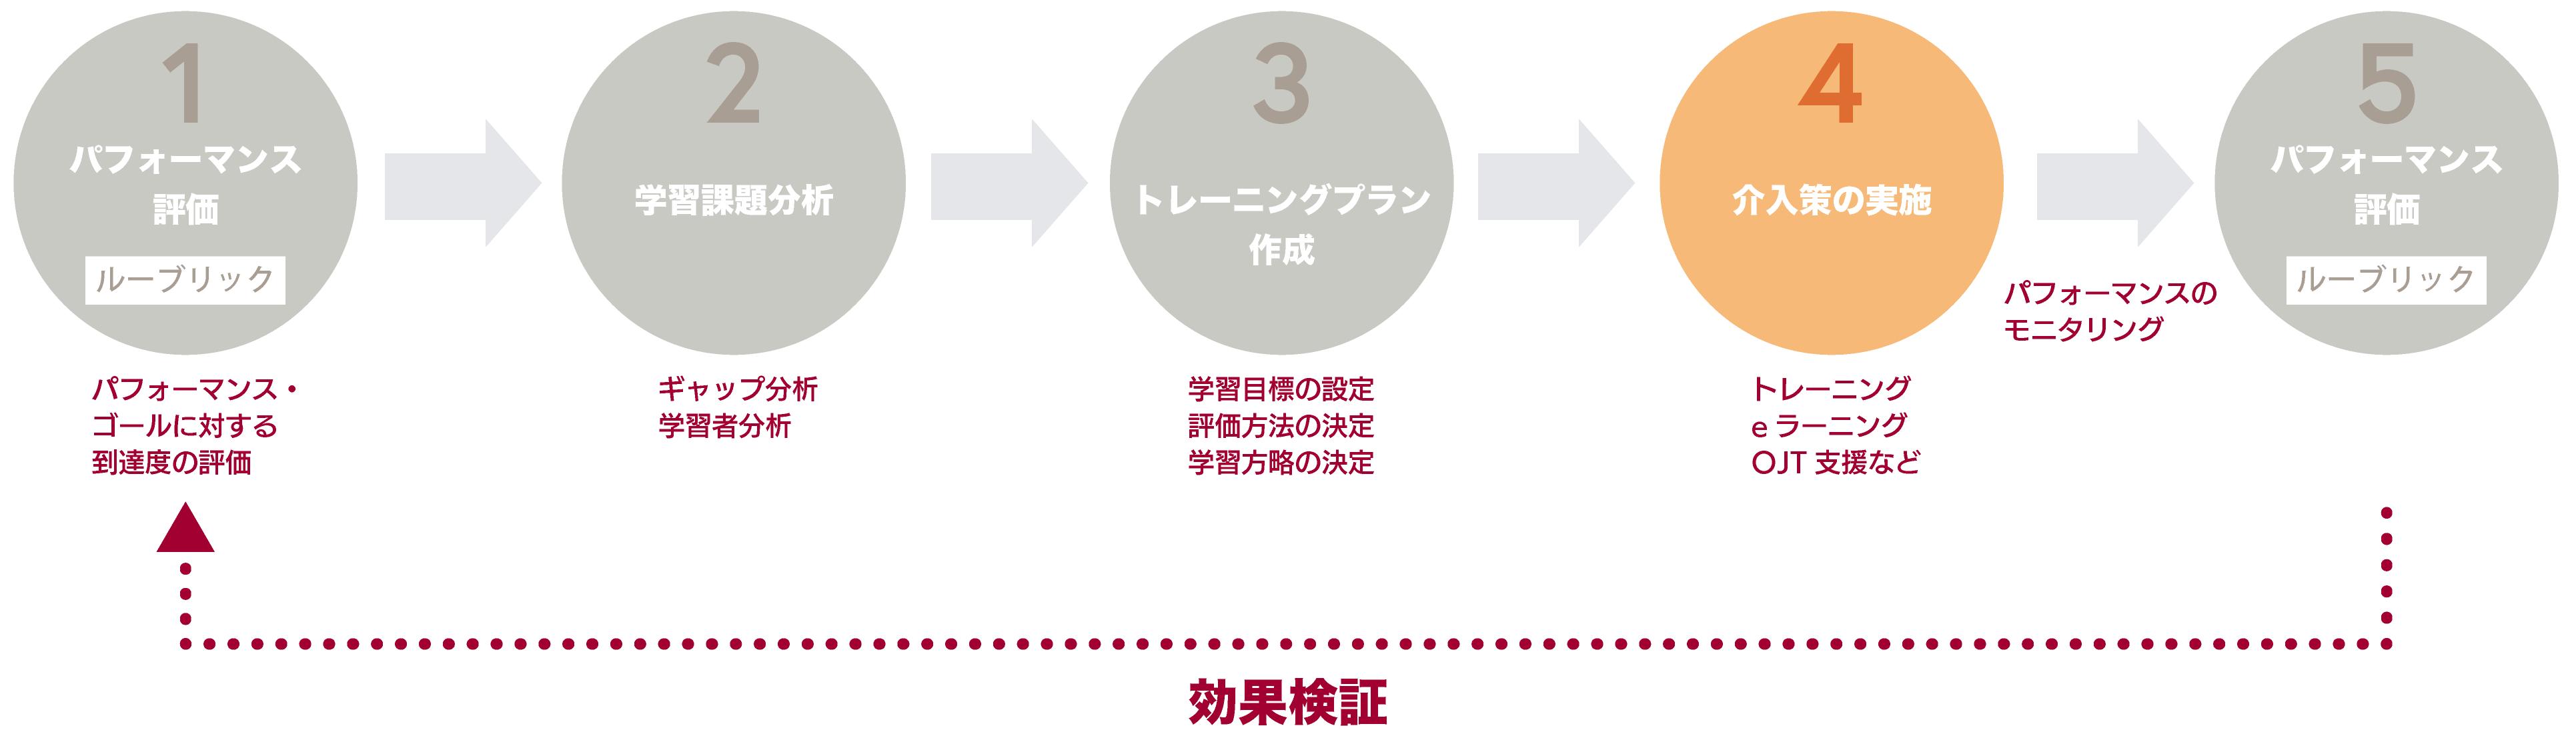 (1)パフォーマンス評価(2)学習課題分析(3)トレーニングプラン作成(4)介入策の実施(5)パフォーマンス評価(効果検証)